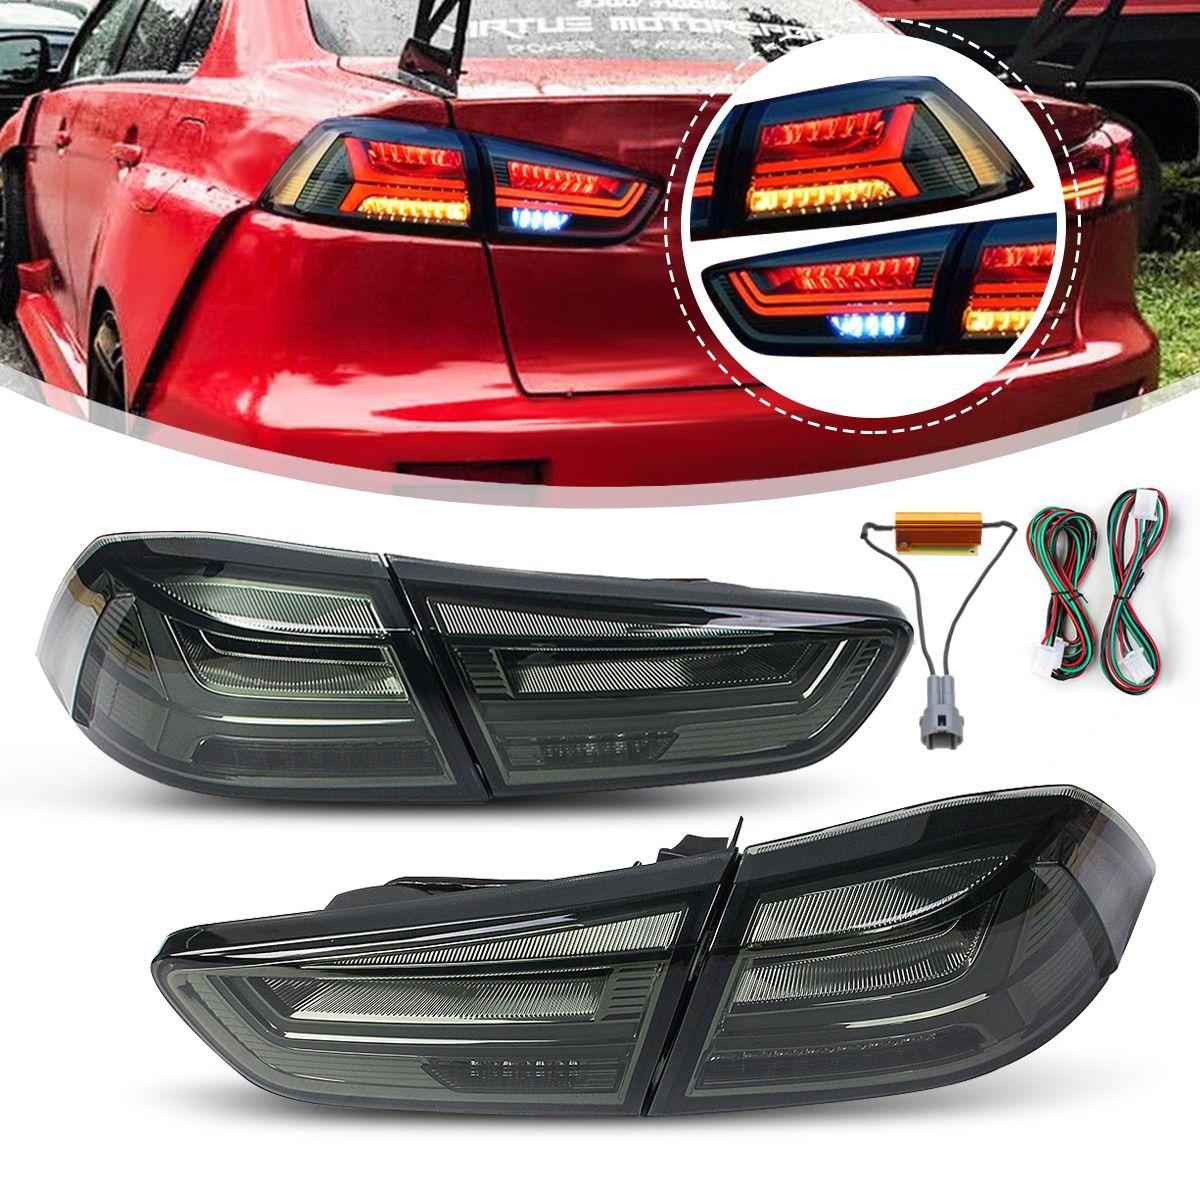 1 paar für Mitsubishi Lancer EVO x 2008-2017 Hinten LED Schwanz Bremse Licht Lampe Schwanz Licht Signal LED DRL Stop Hinten Lampe Zubehör